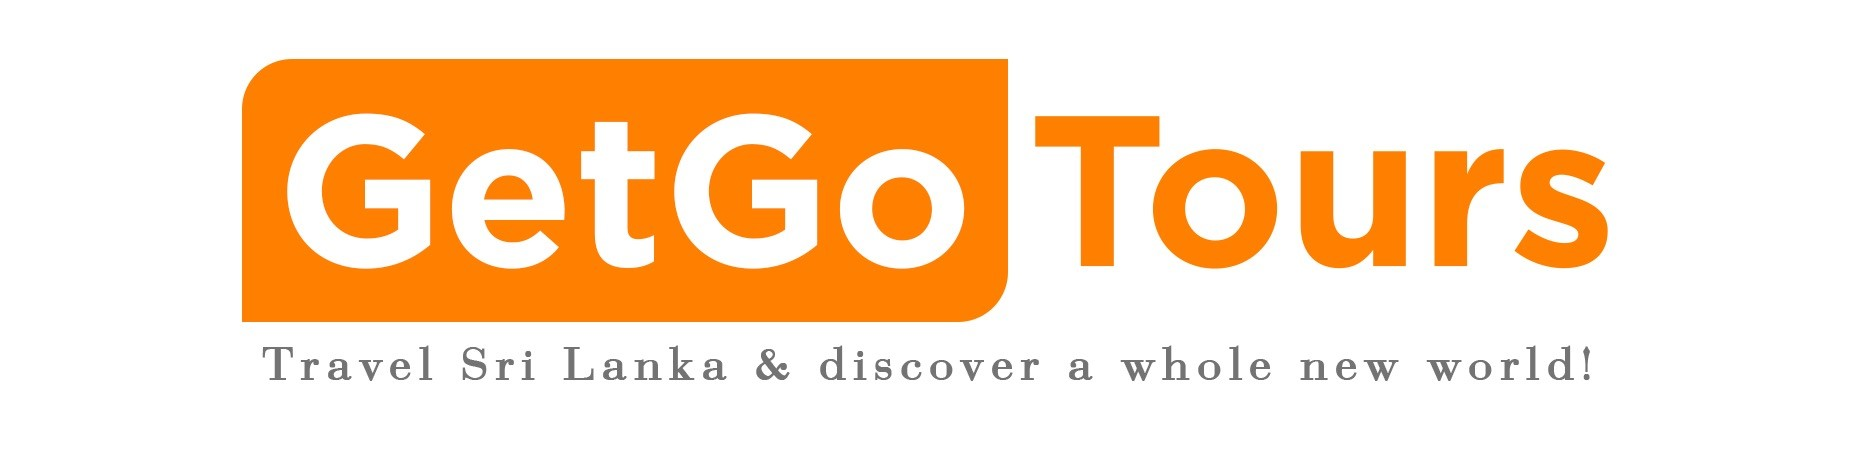 GetGo Tours Logo